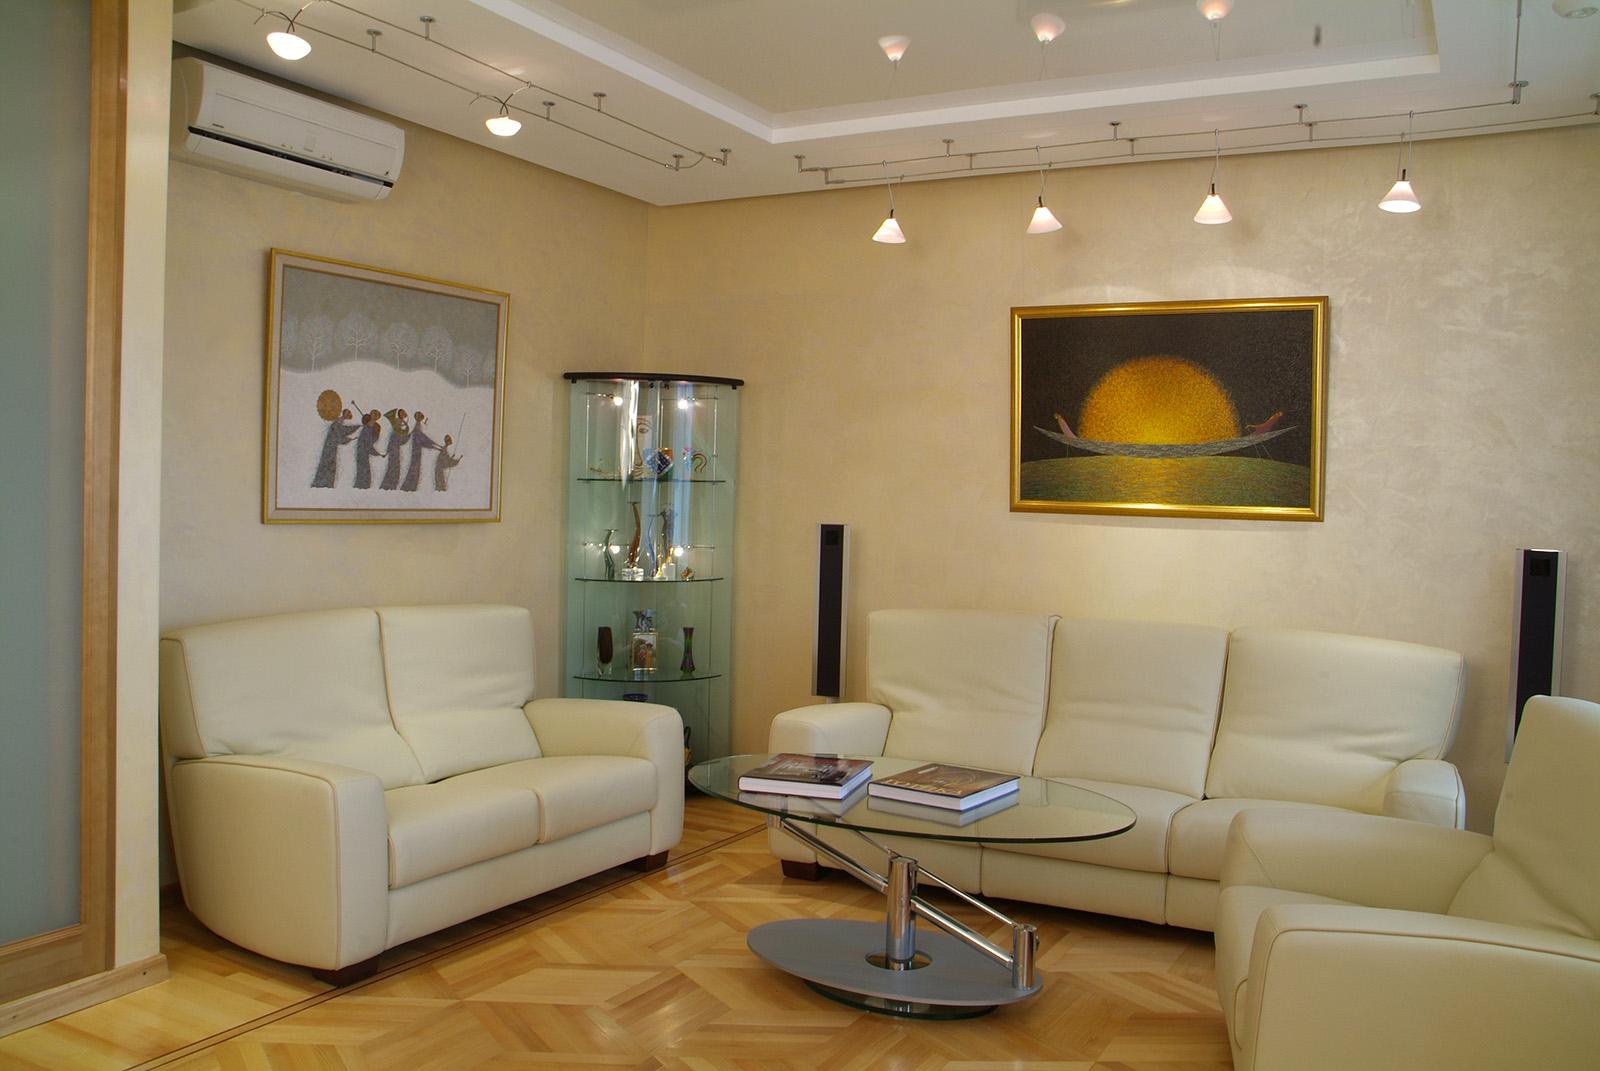 Оформление потолка в гостиной фото своими руками